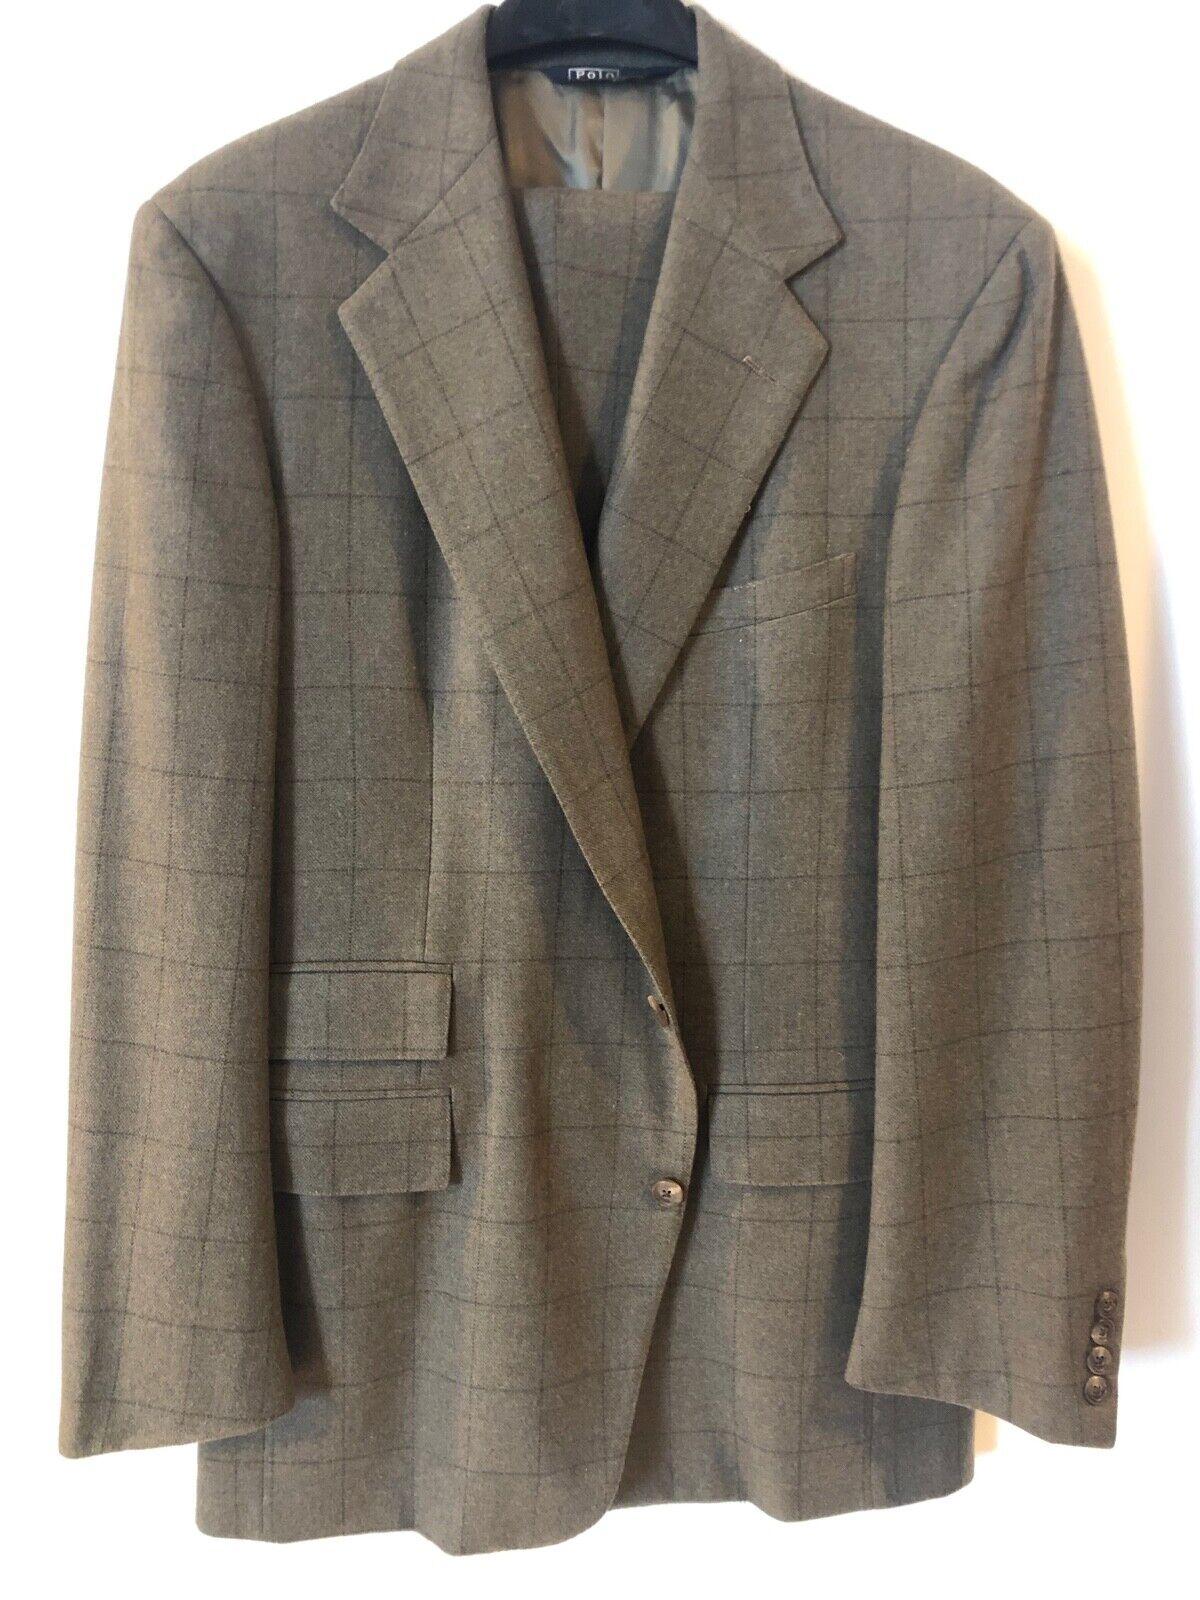 Vintage Ralph Lauren Wool Suit